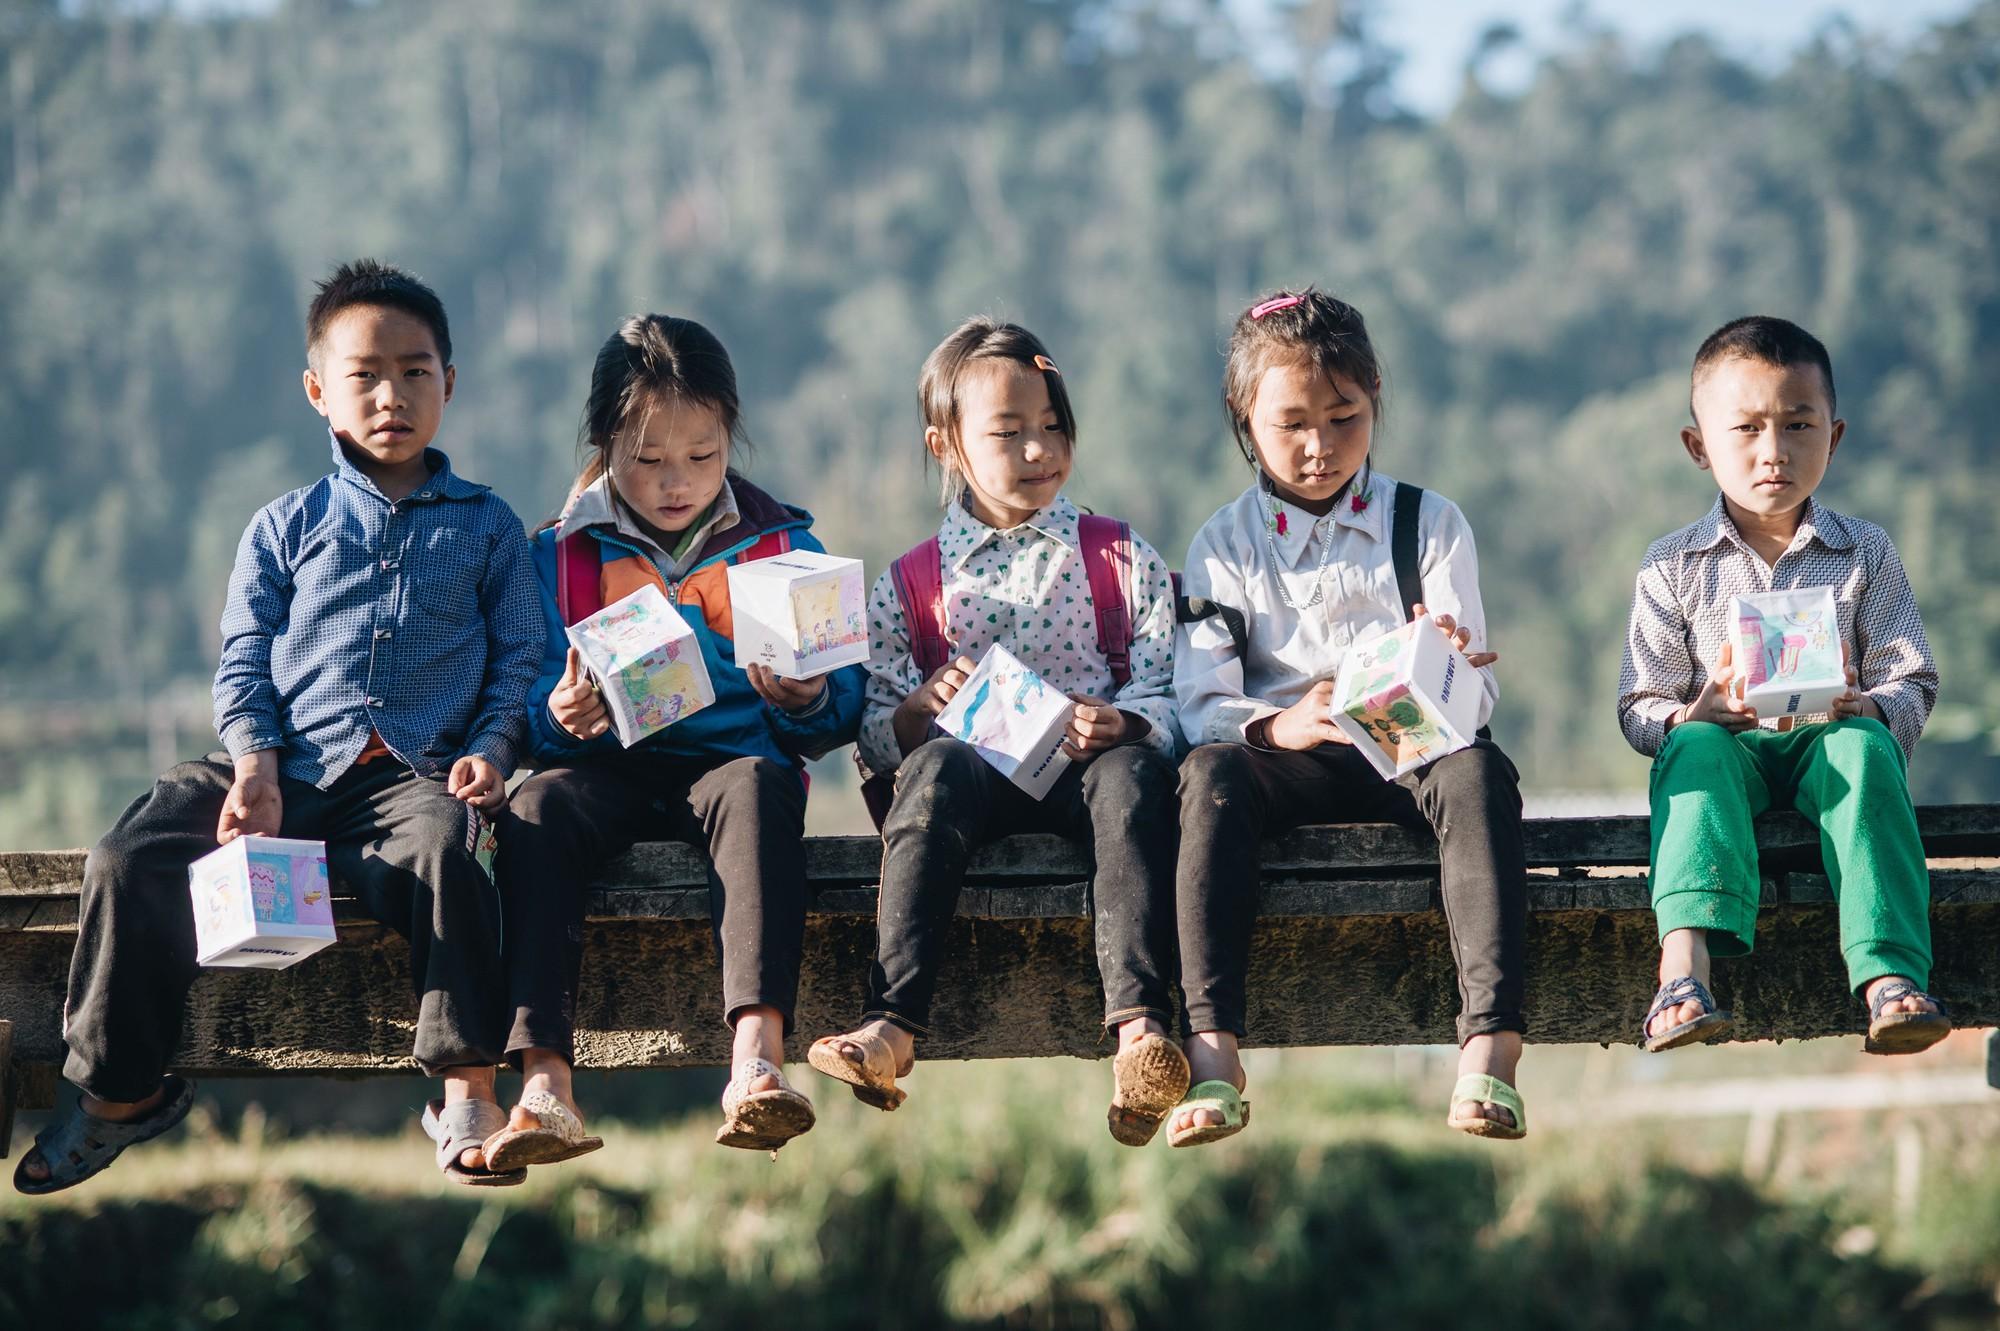 """Hành trình """"cõng ông mặt trời"""" cho lũ trẻ trên đỉnh trời Tri Lễ - Ảnh 7."""